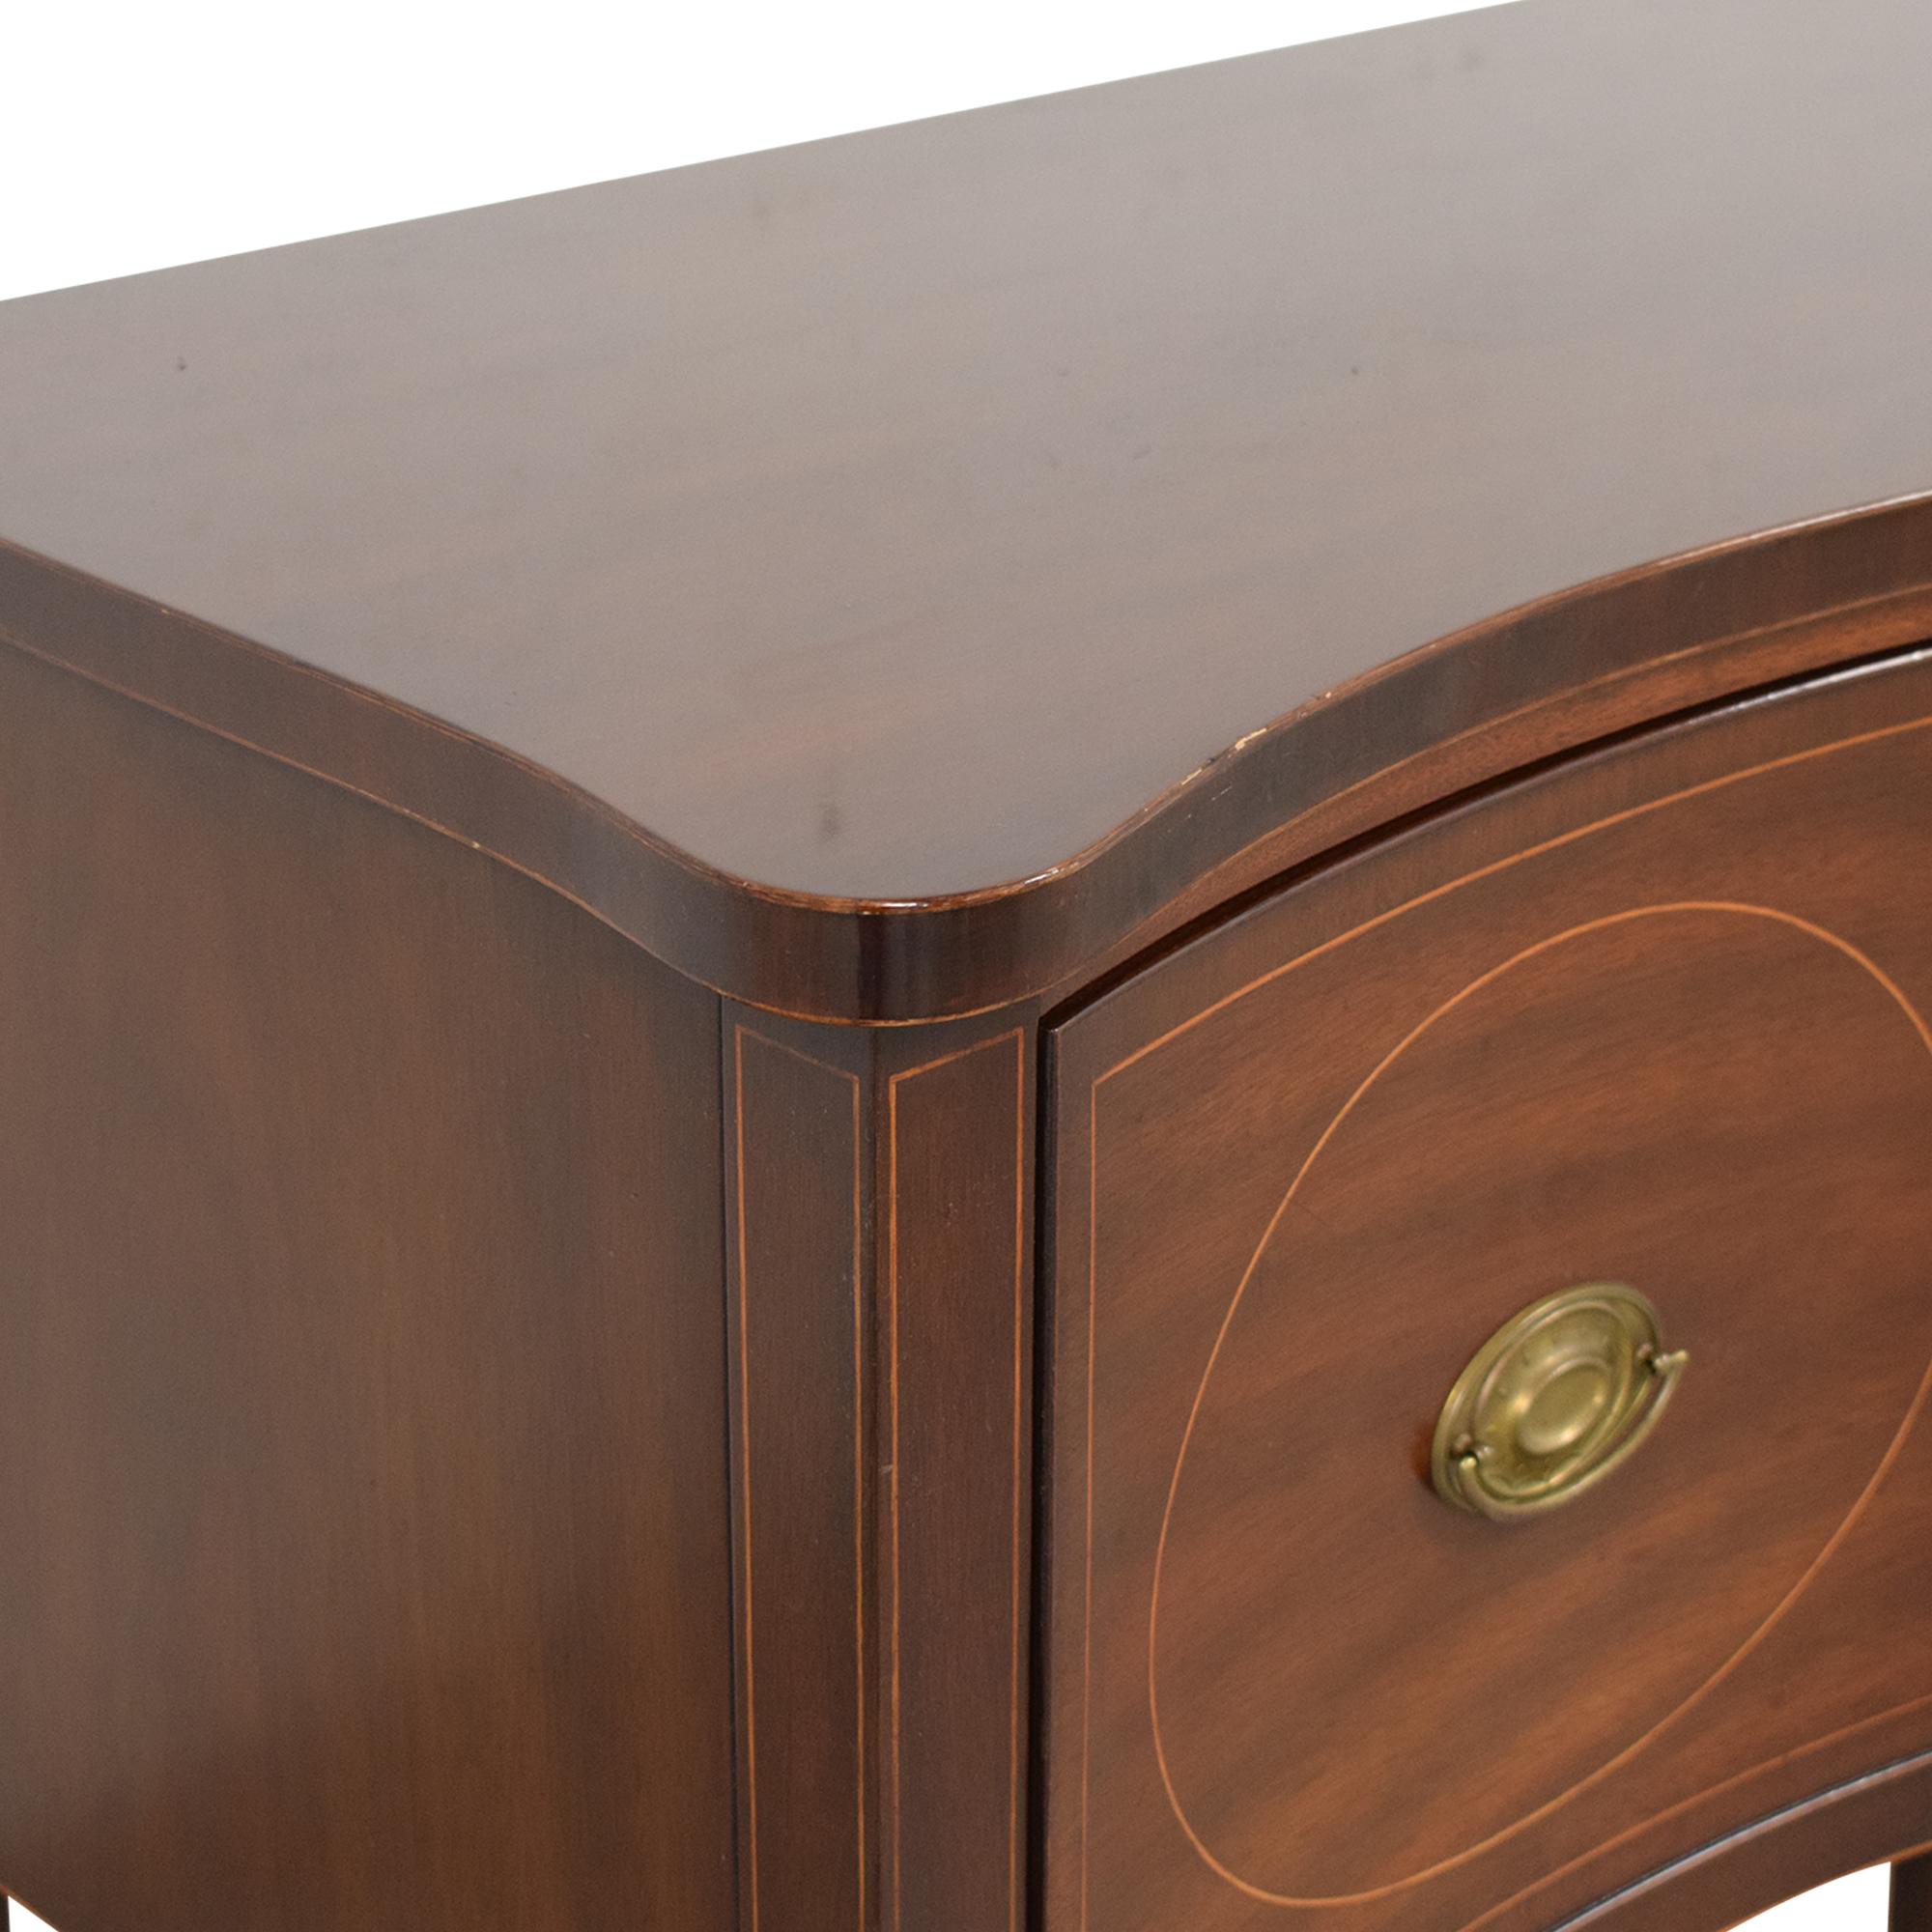 Kittinger Furniture Kittinger Dining Sideboard for sale